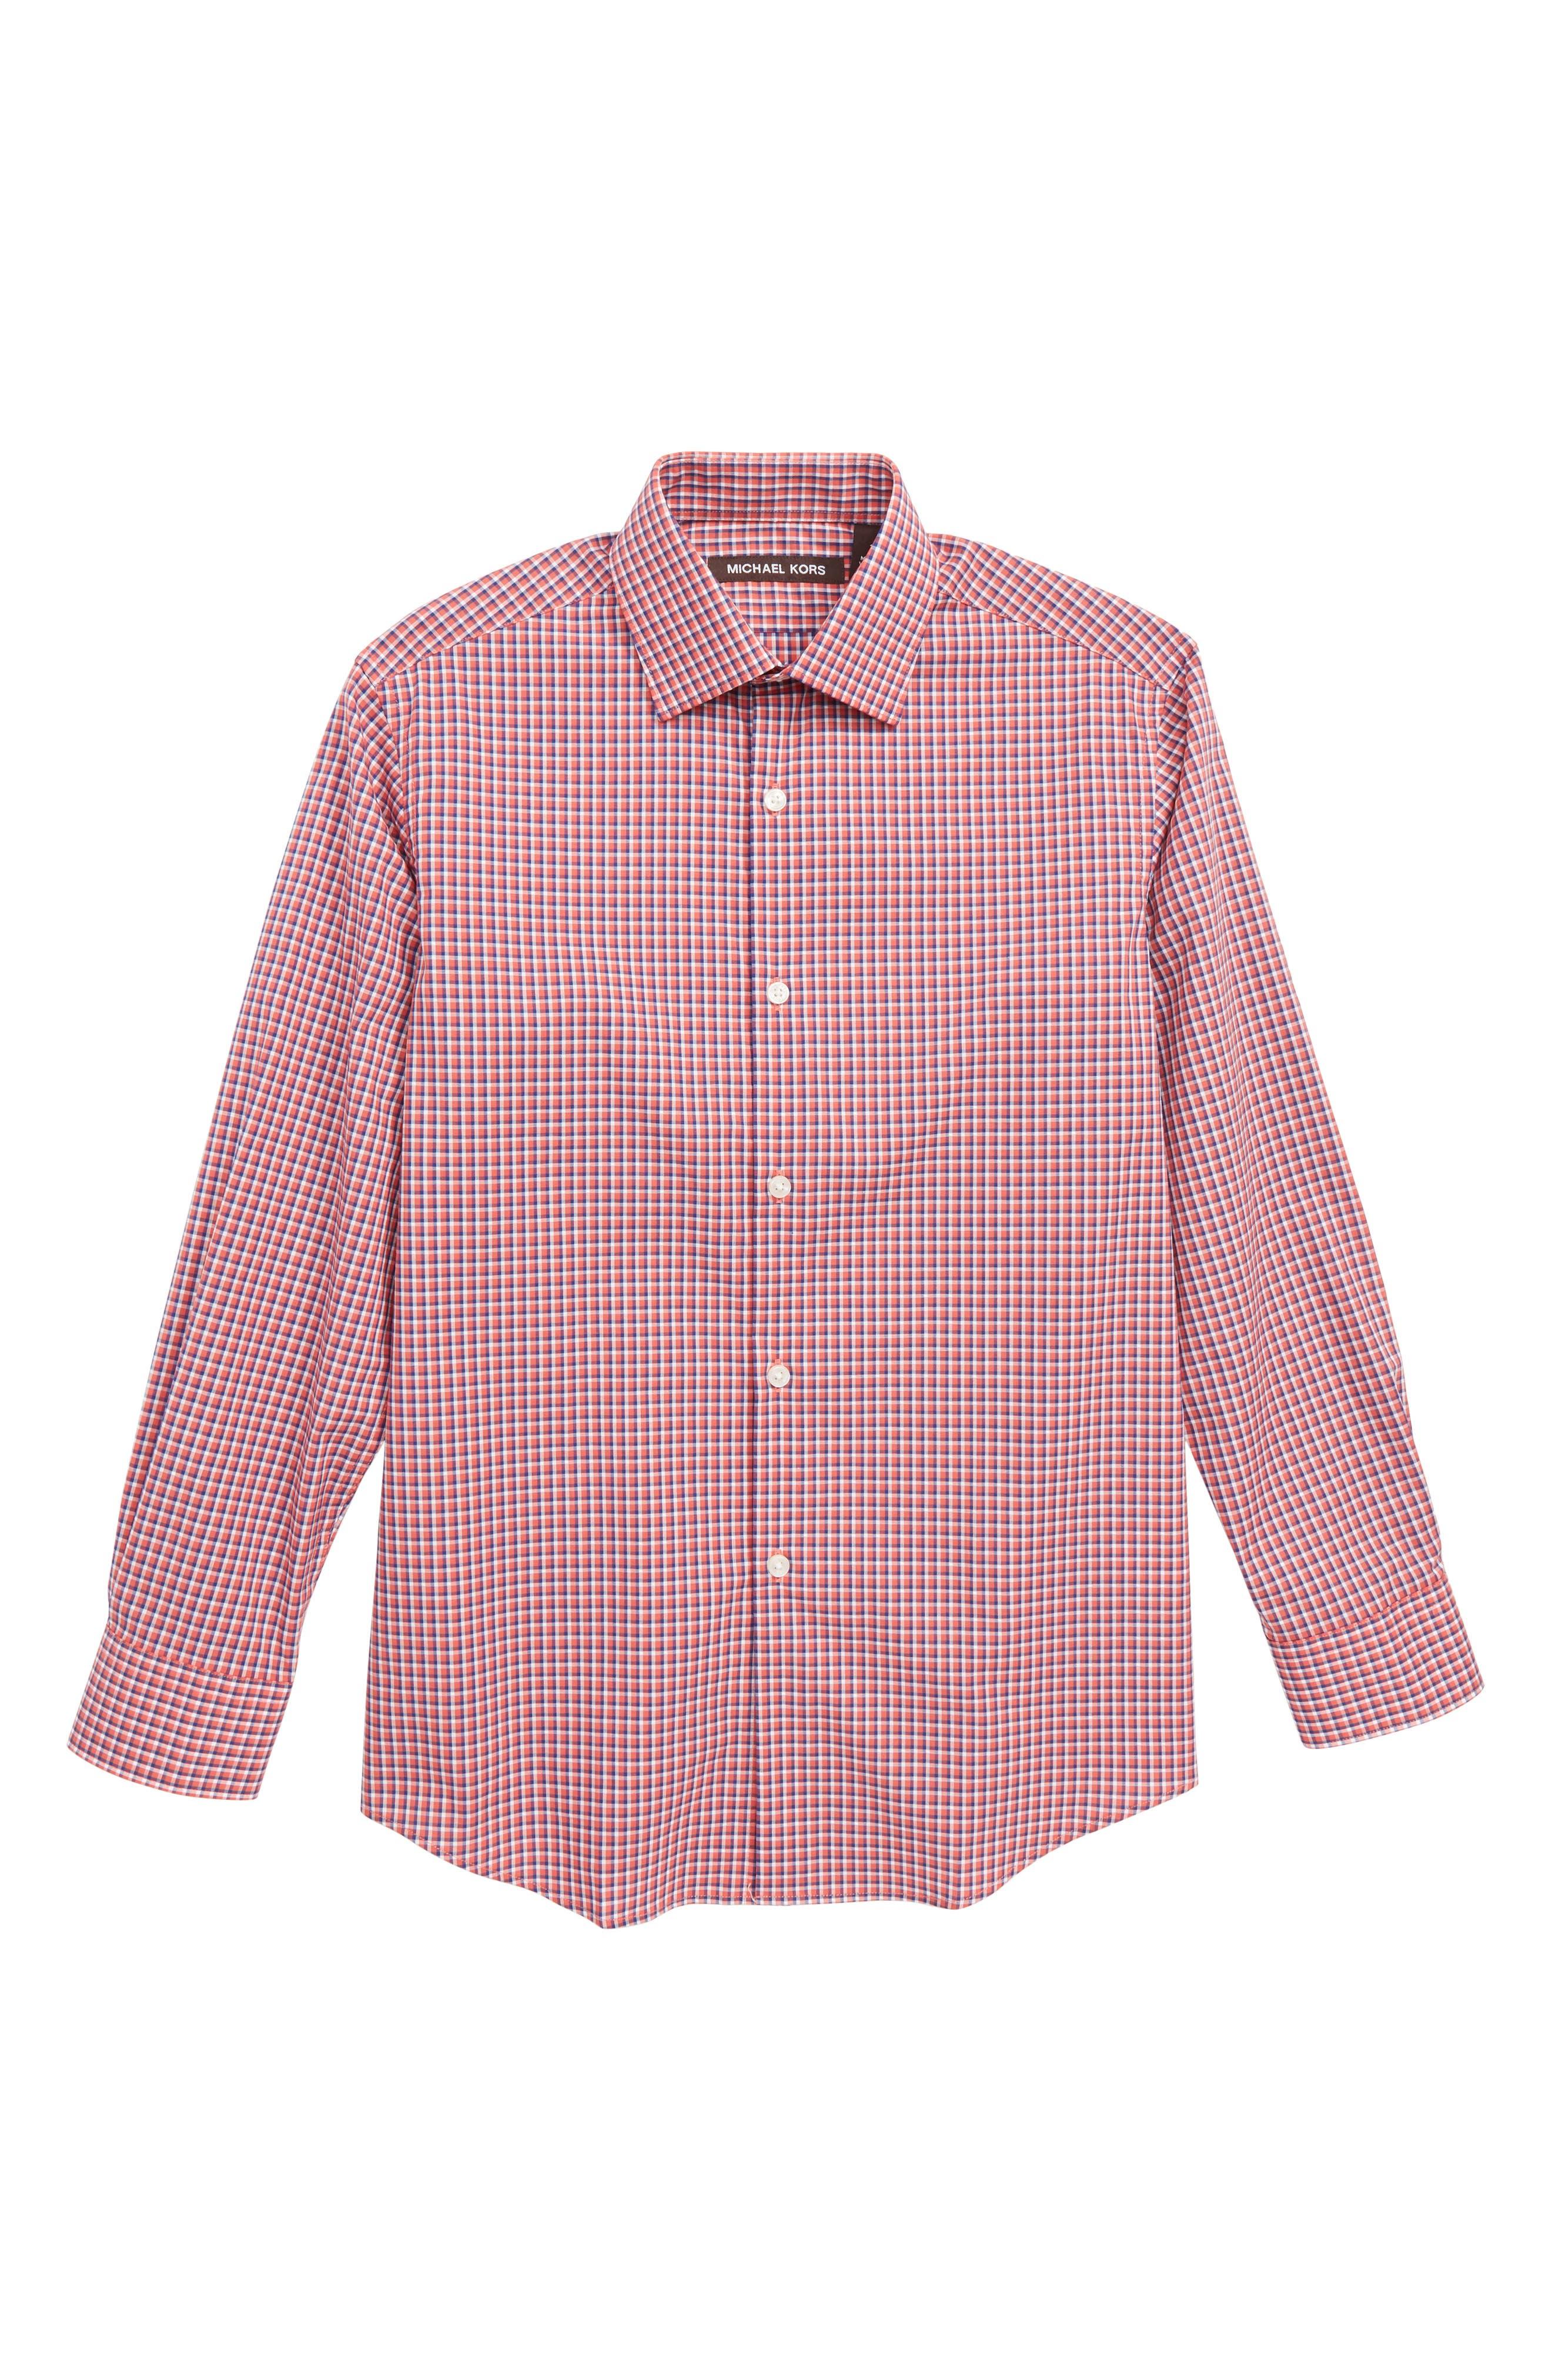 Check Dress Shirt,                             Main thumbnail 1, color,                             600